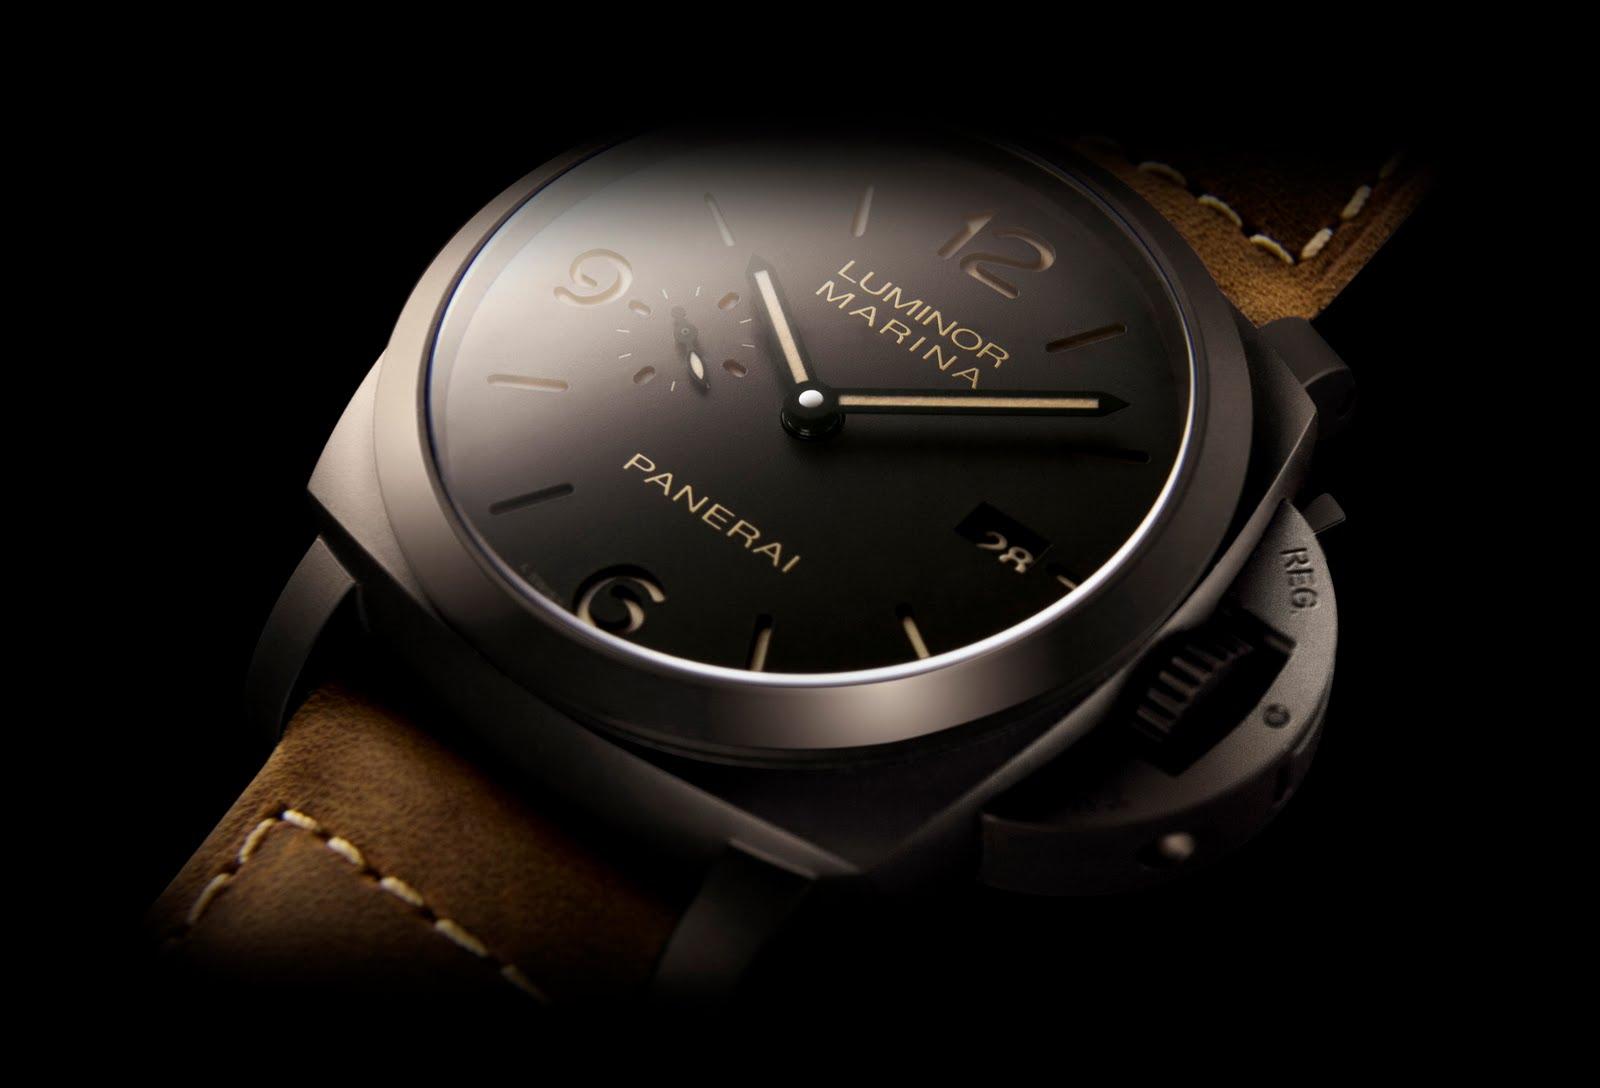 Panerai-LUMINOR-1950-3-DAYS-Watches-Replica